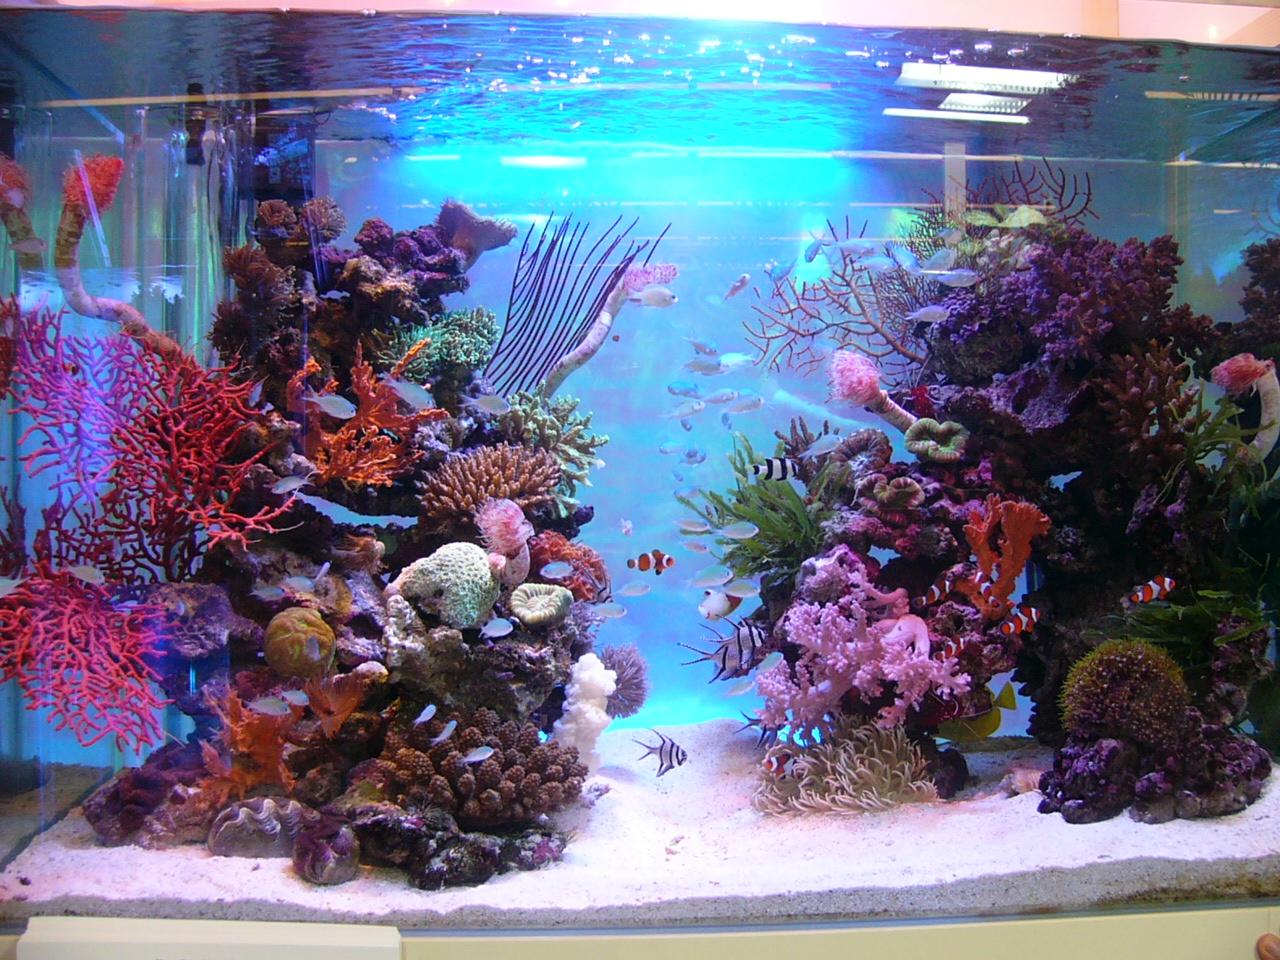 自作のバックスクリーンを熱帯魚水槽に貼ってみようメリットとポイント